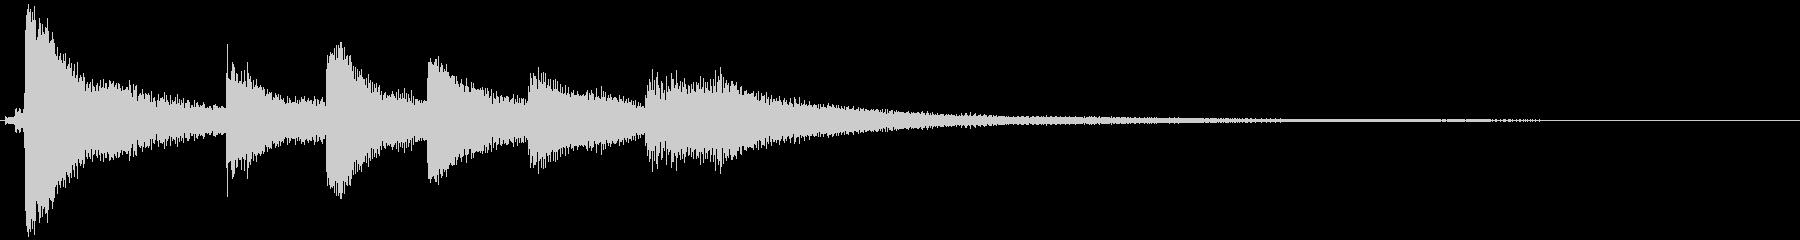 ピアノのショートジングルの未再生の波形